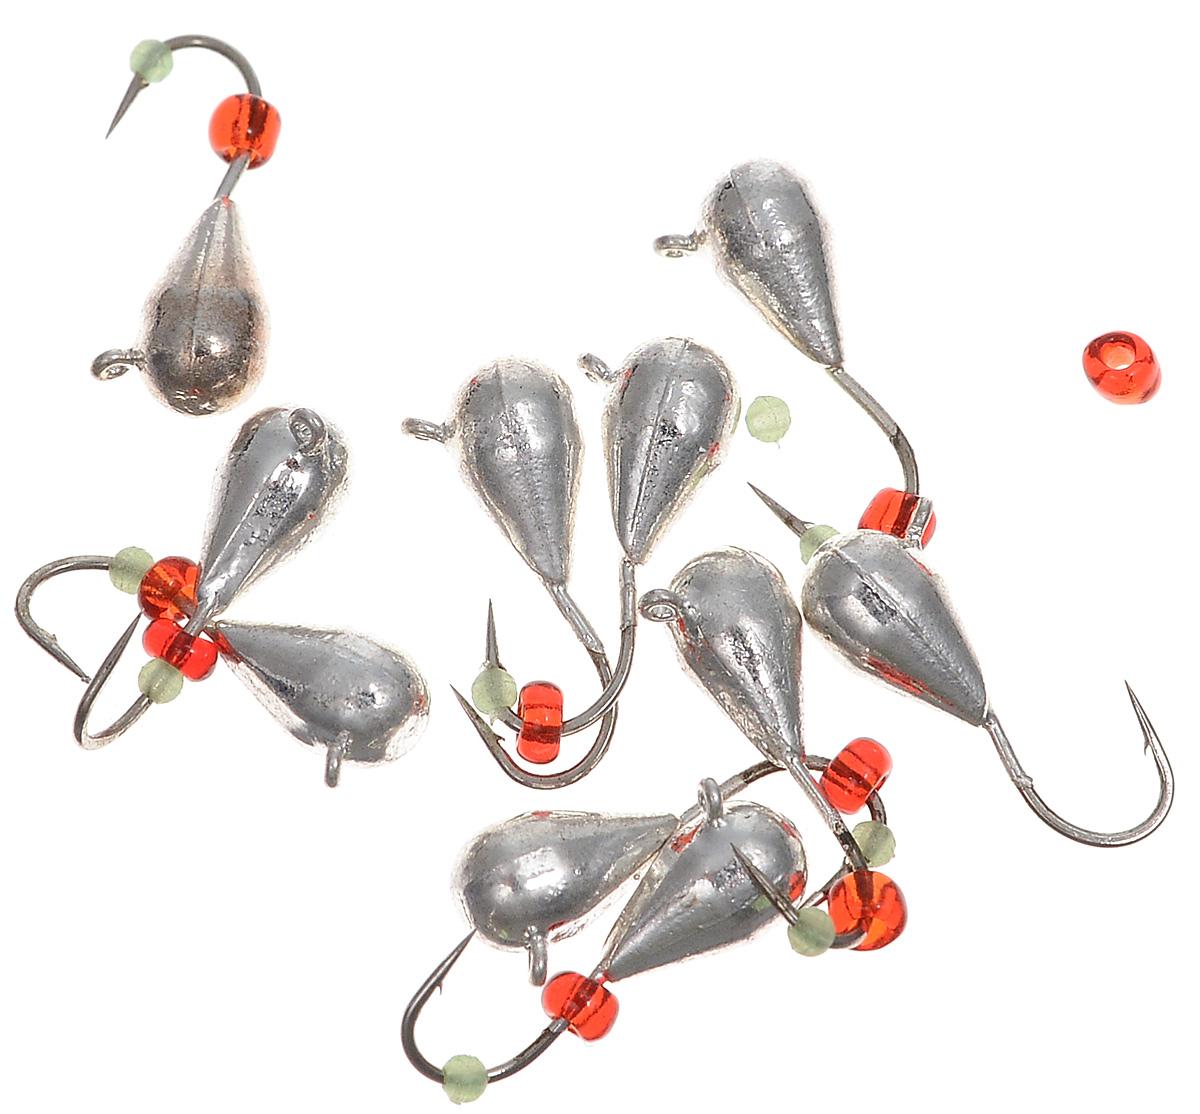 Мормышка вольфрамовая Dixxon-Russia, капля с ушком, цвет: серебряный, диаметр 4 мм, 1 г, 10 шт